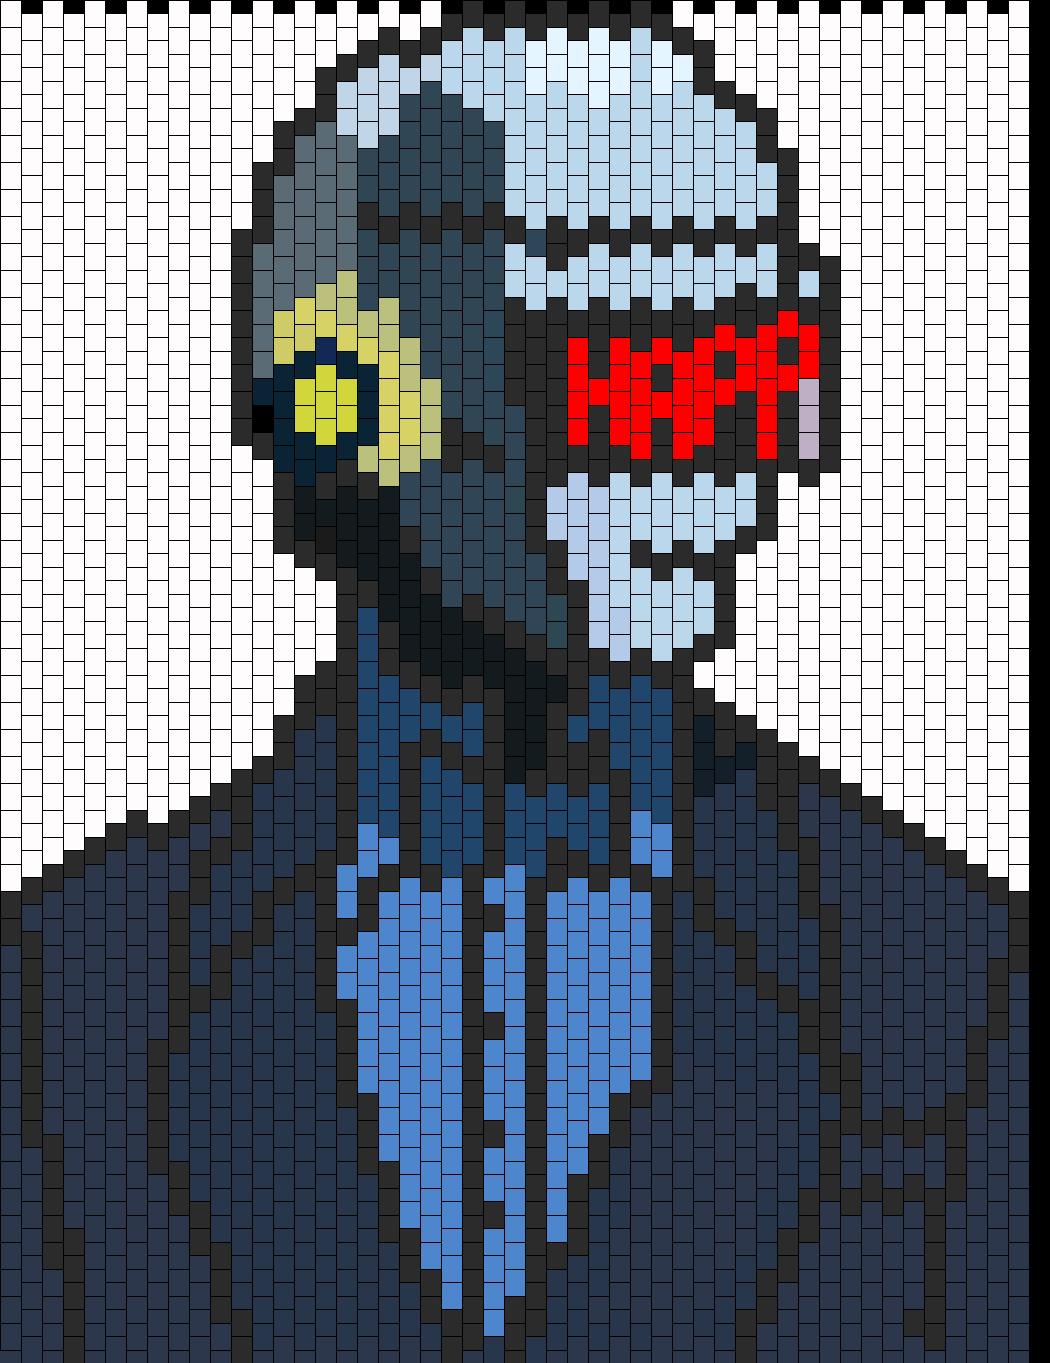 Daft Punk Robot 2